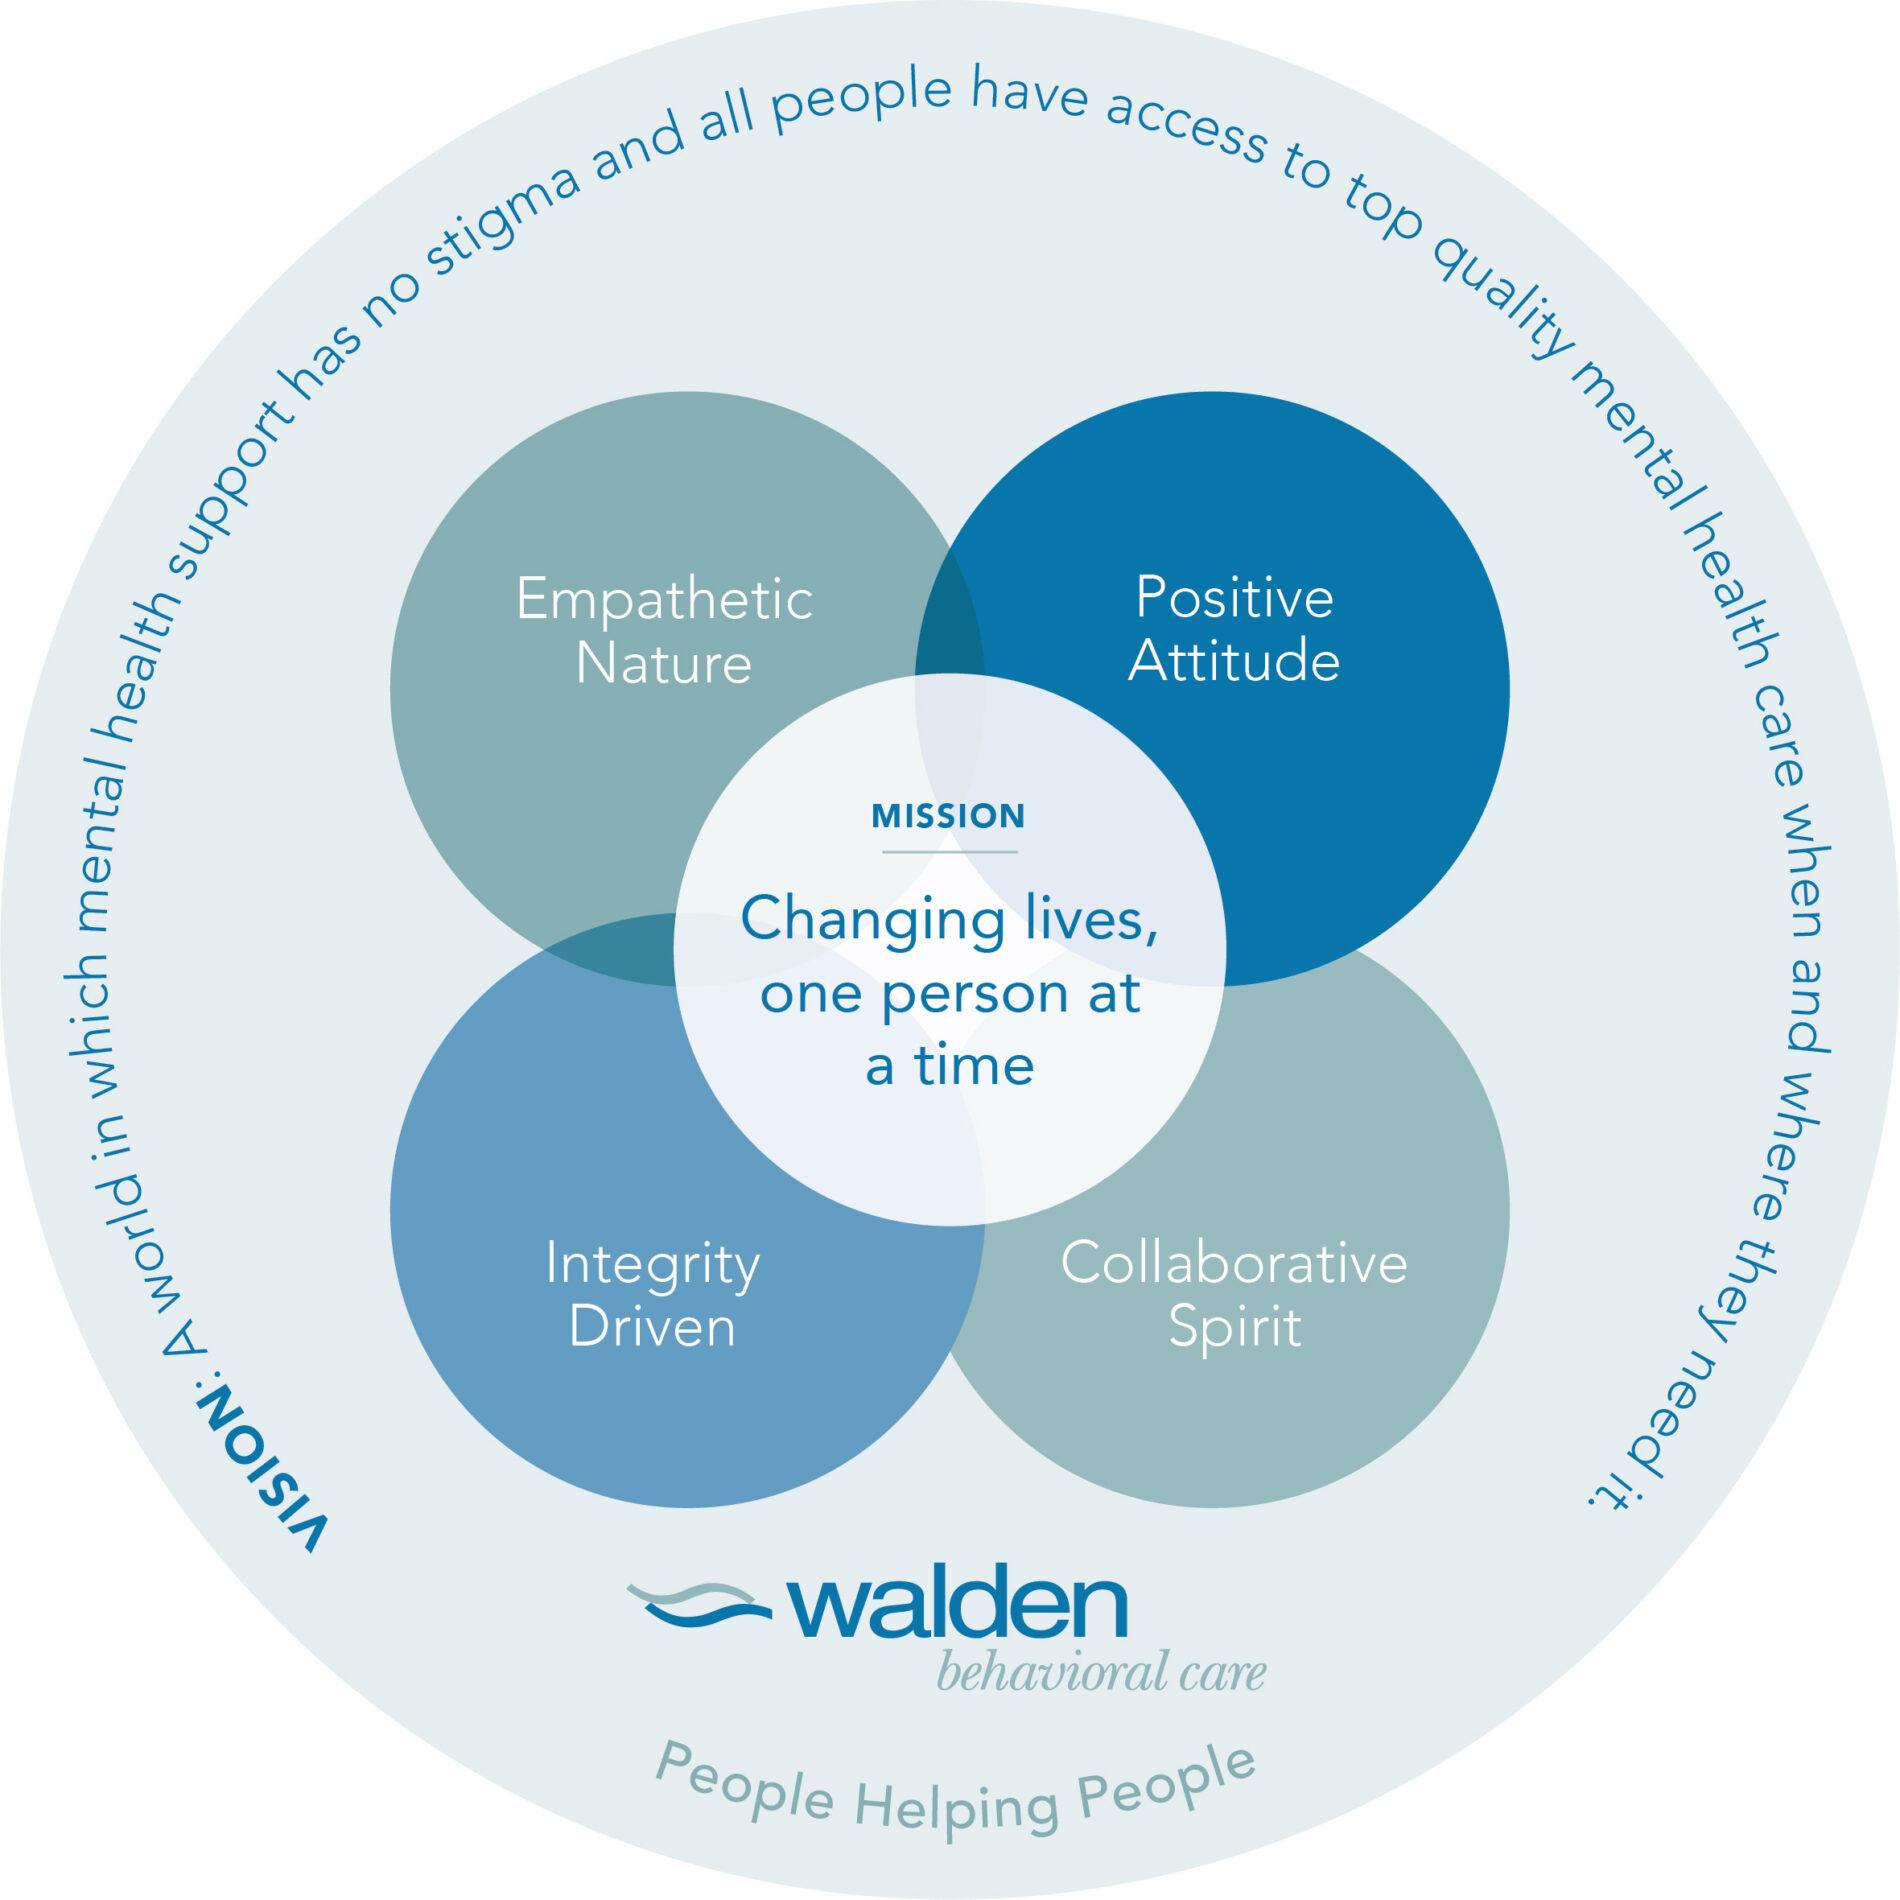 walden-behavioral-care-careers-mandala